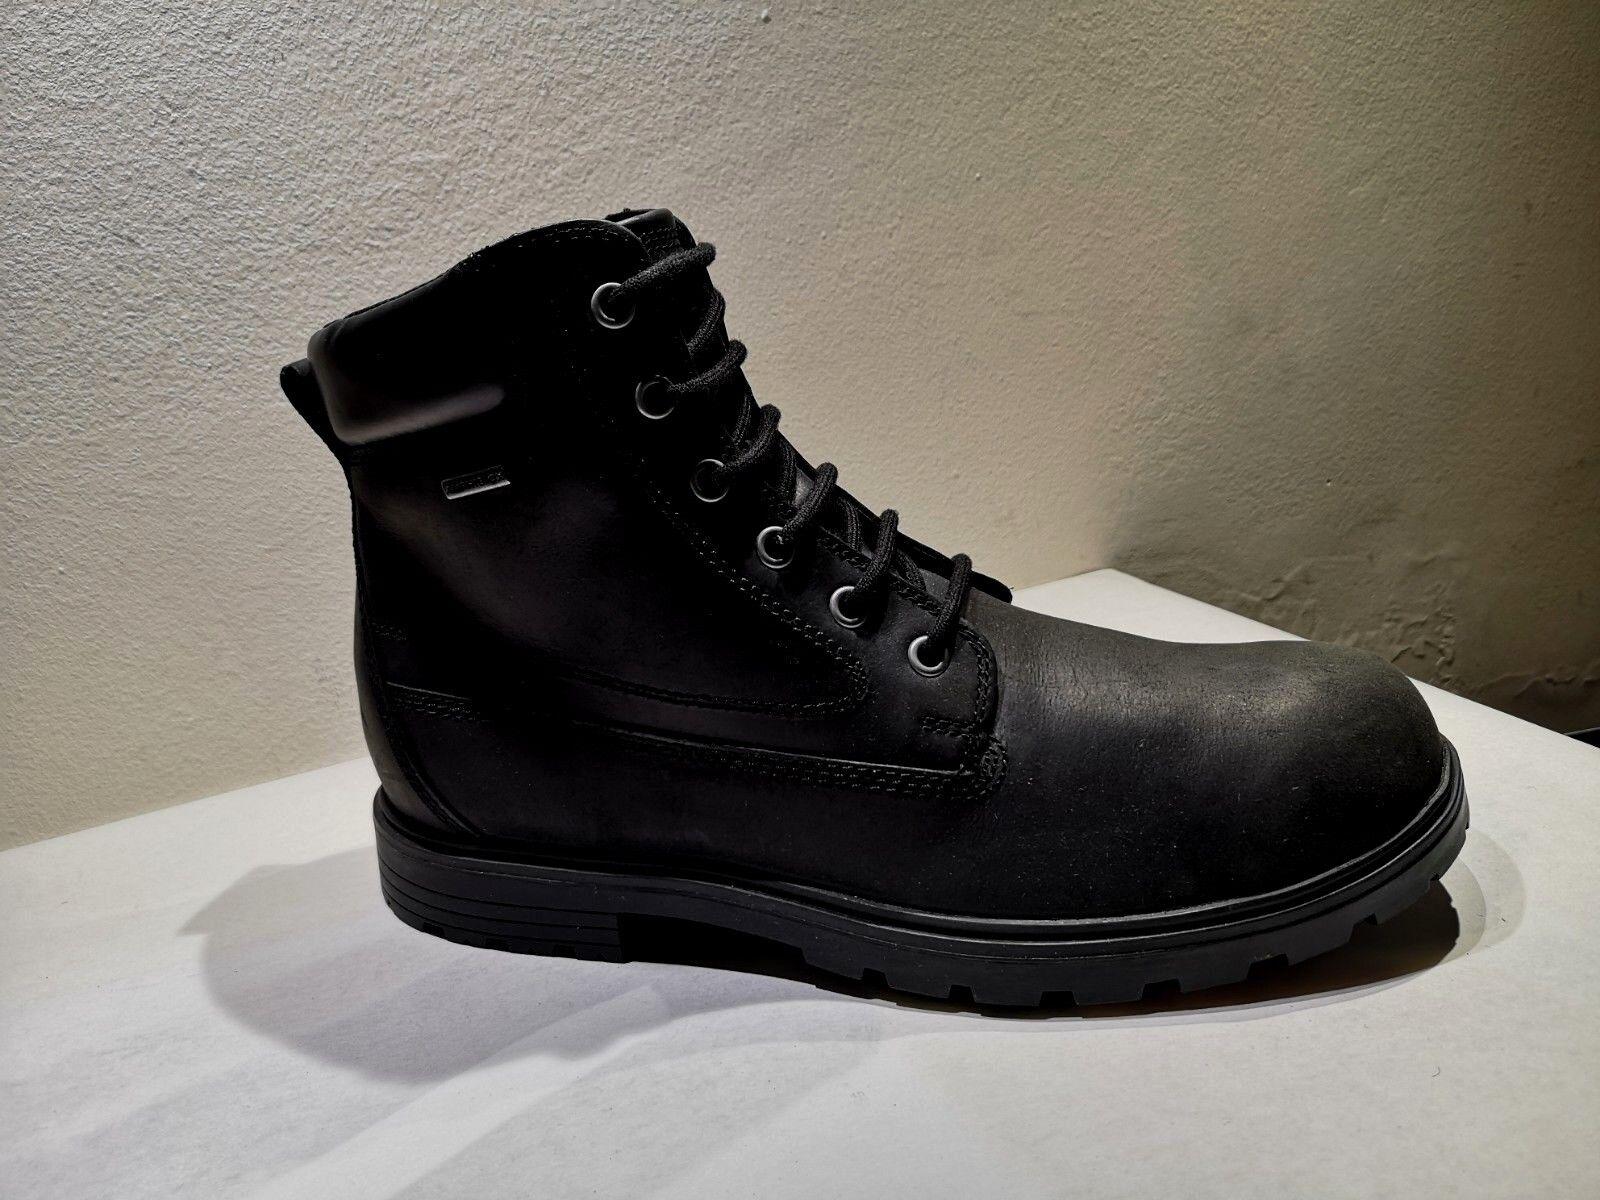 zapatos geox caballero 40